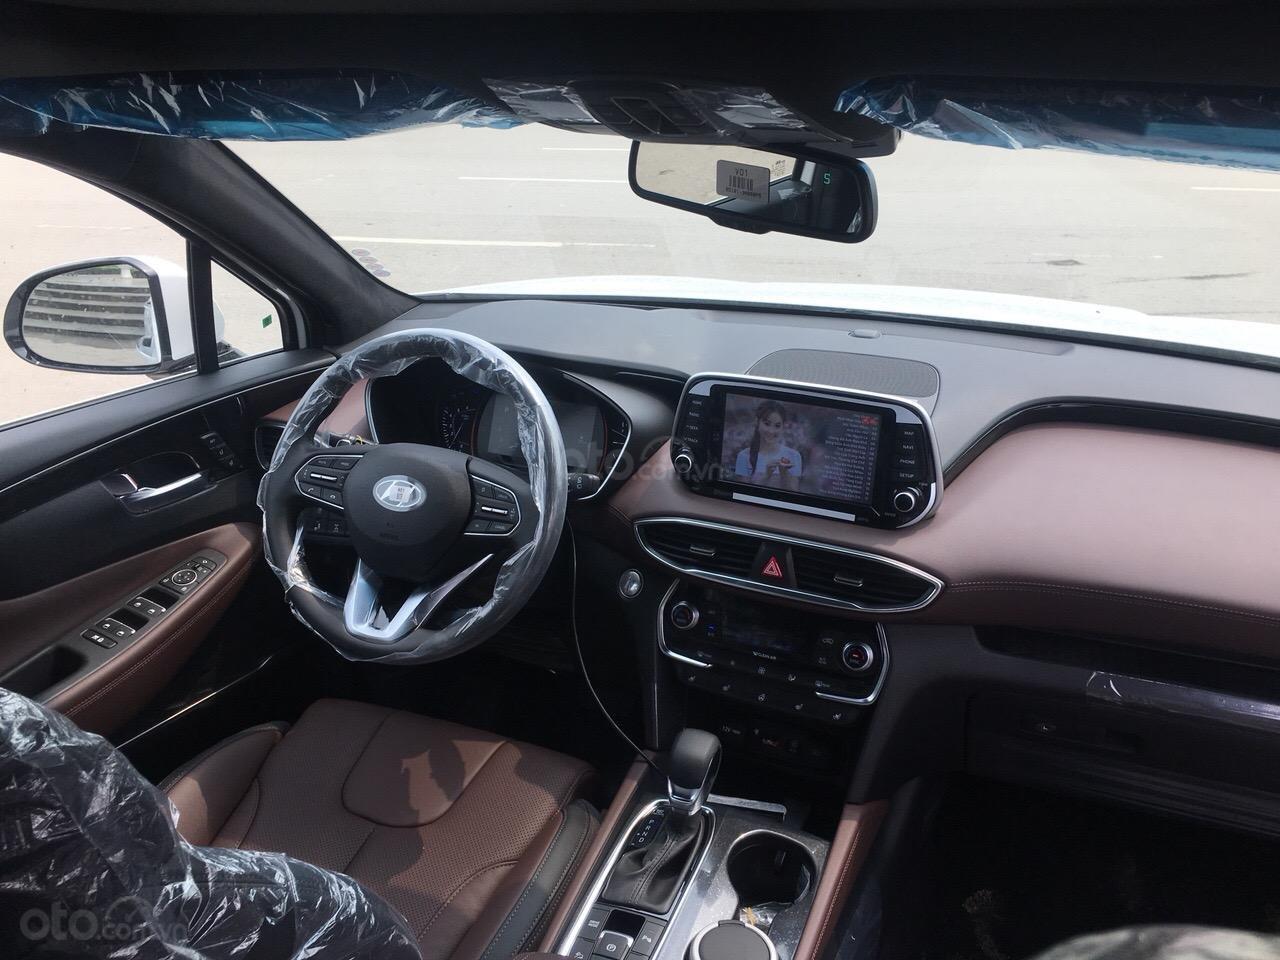 Bán Hyundai Santa Fe 2019 Premium, giá cực tốt cùng nhiều phần quà tặng hấp dẫn, sẵn xe giao ngay-5